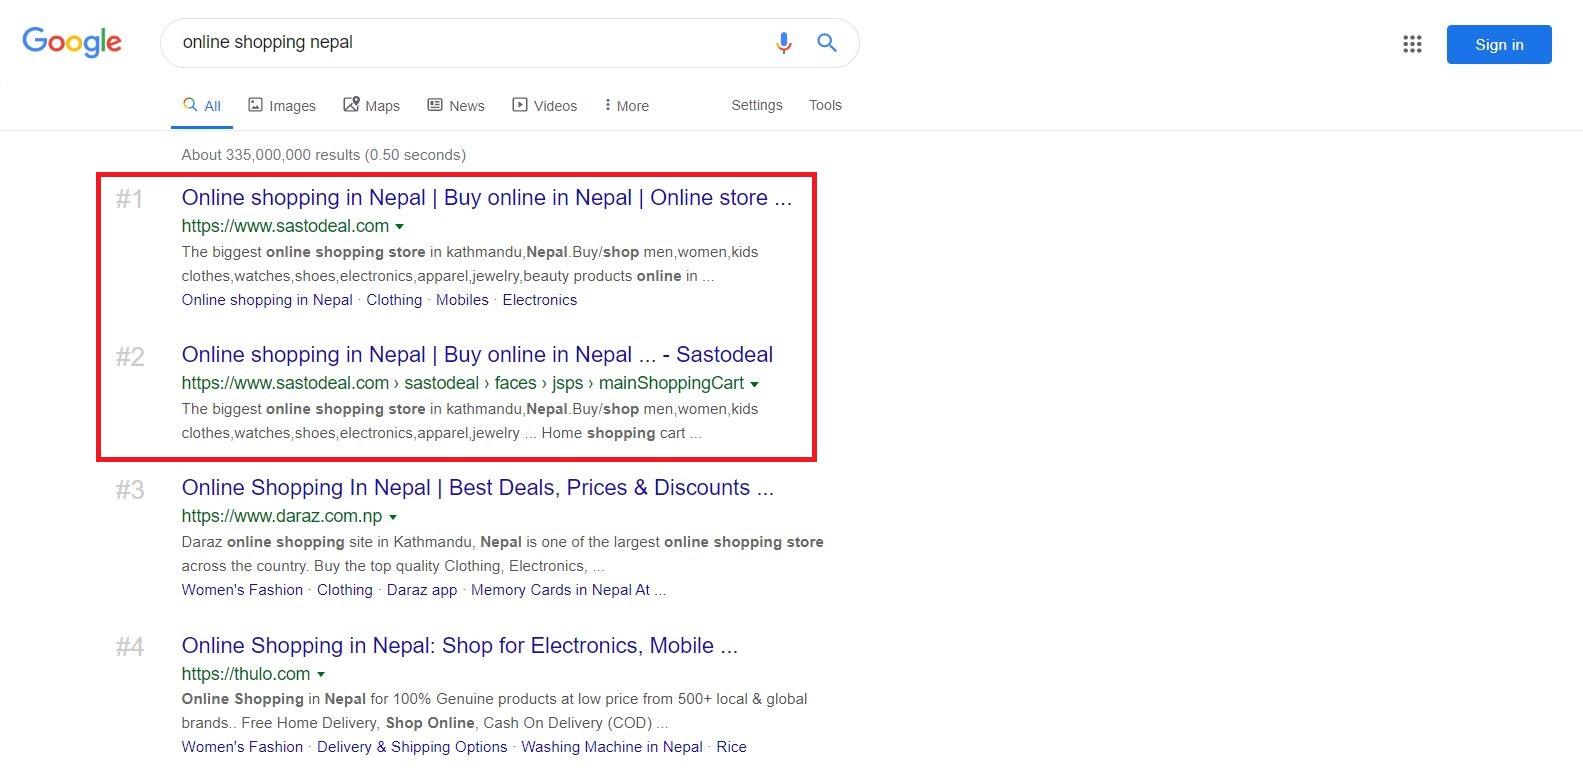 Search Result behavior Error Report - Google Search Community